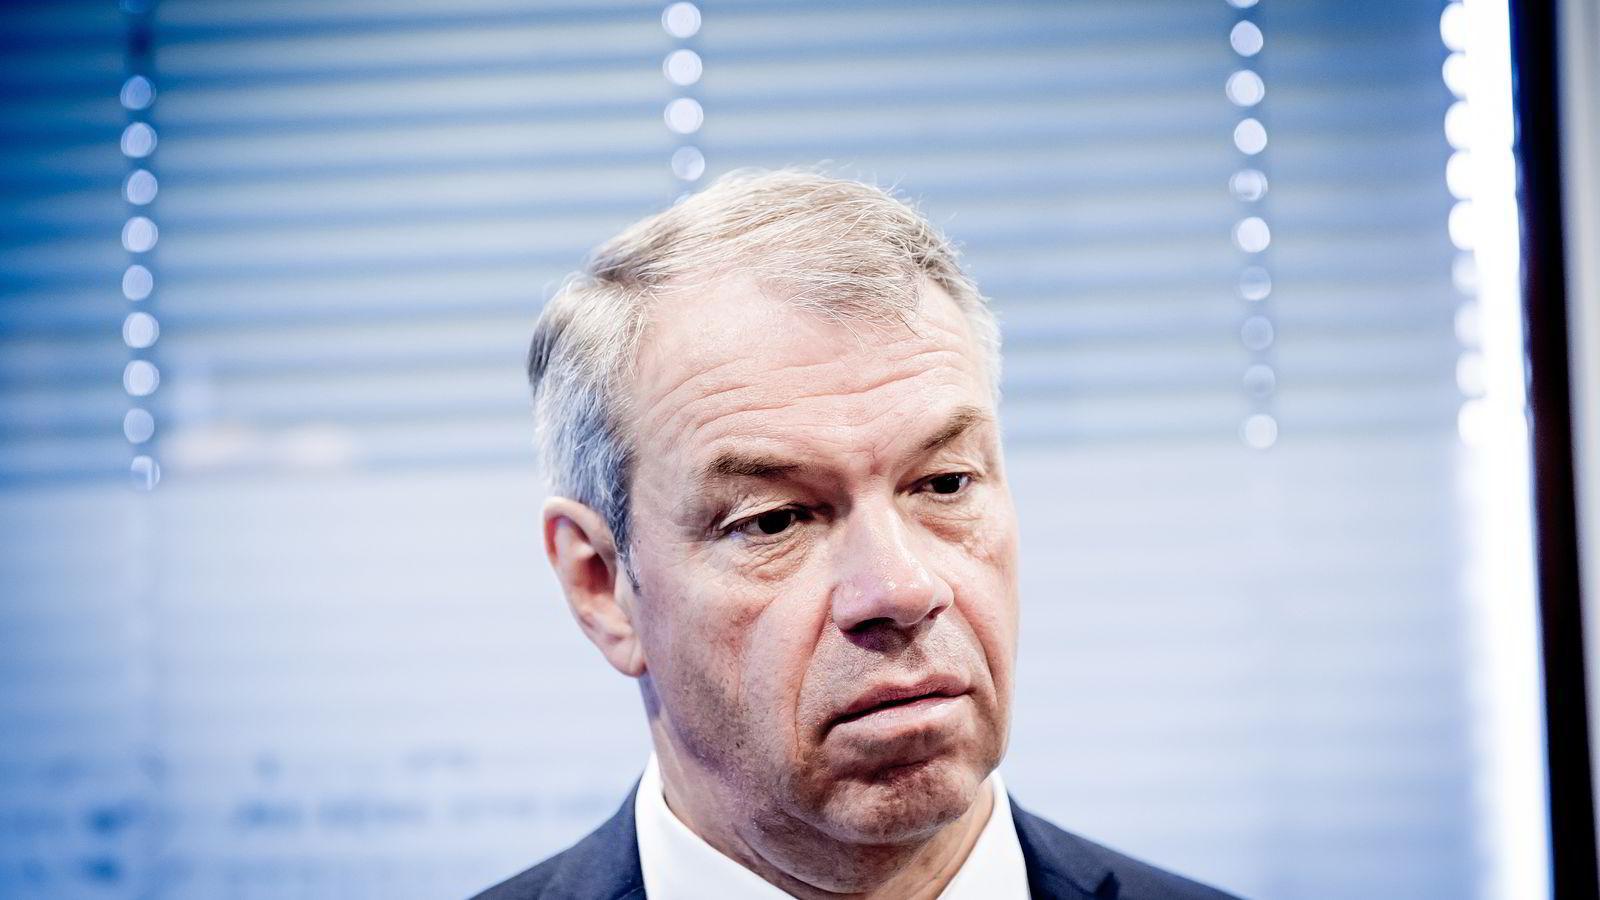 Arne Austreid, konsernsjef i Sparebank 1 SR-Bank under resultatfremleggelse for SR-Bank. Foto: Gorm K. Gaare